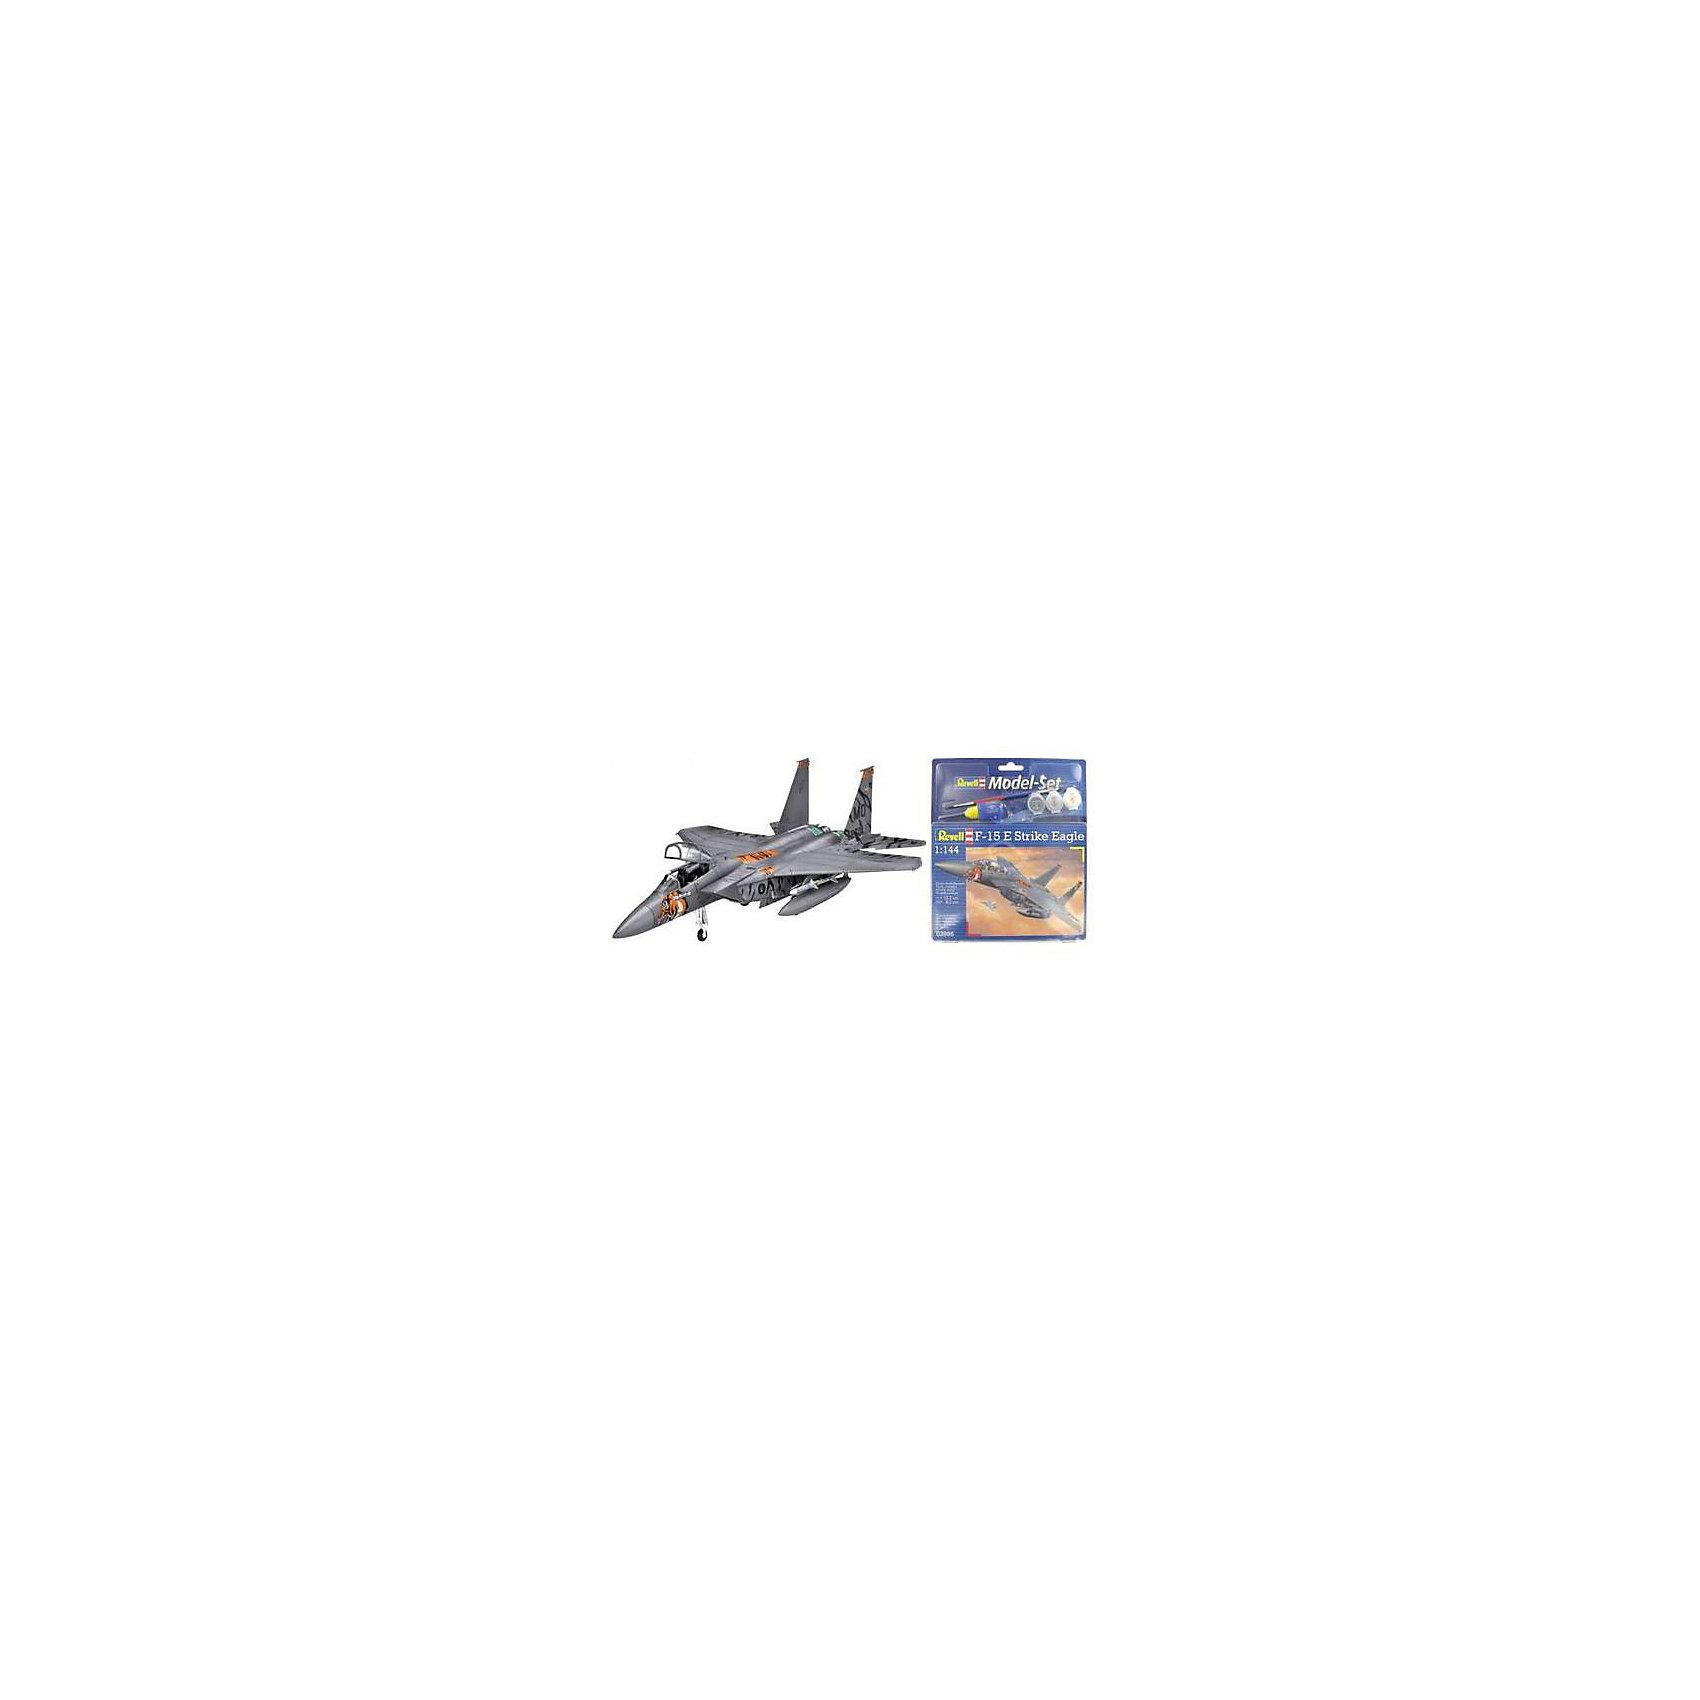 Набор Самолет Макдоннелл-Дуглас F-15E «Страйк Игл»Модели для склеивания<br>Подарочный набор со сборной моделью американского истребителя F-15E Strike Eagle. В наборе модель, акриловые краски, клей и кисточка.  <br>F-15E Strike Eagle — американский двухместный истребитель-бомбардировщик четвертого поколения. Самолет был создан на базе F-15. Всего было выпущено около 350 самолетов. F-15E активно применялся во время боевых действий в Ираке, Афганистане и Ливии. В ходе боев было потеряно шесть самолетов. <br>Масштаб: 1:144 <br>Количество деталей: 62 <br>Длина модели: 132 мм <br>Размах крыльев: 82 мм <br>Уровень сложности: 3<br><br>Ширина мм: 9999<br>Глубина мм: 9999<br>Высота мм: 9999<br>Вес г: 9999<br>Возраст от месяцев: 120<br>Возраст до месяцев: 2147483647<br>Пол: Мужской<br>Возраст: Детский<br>SKU: 7122382